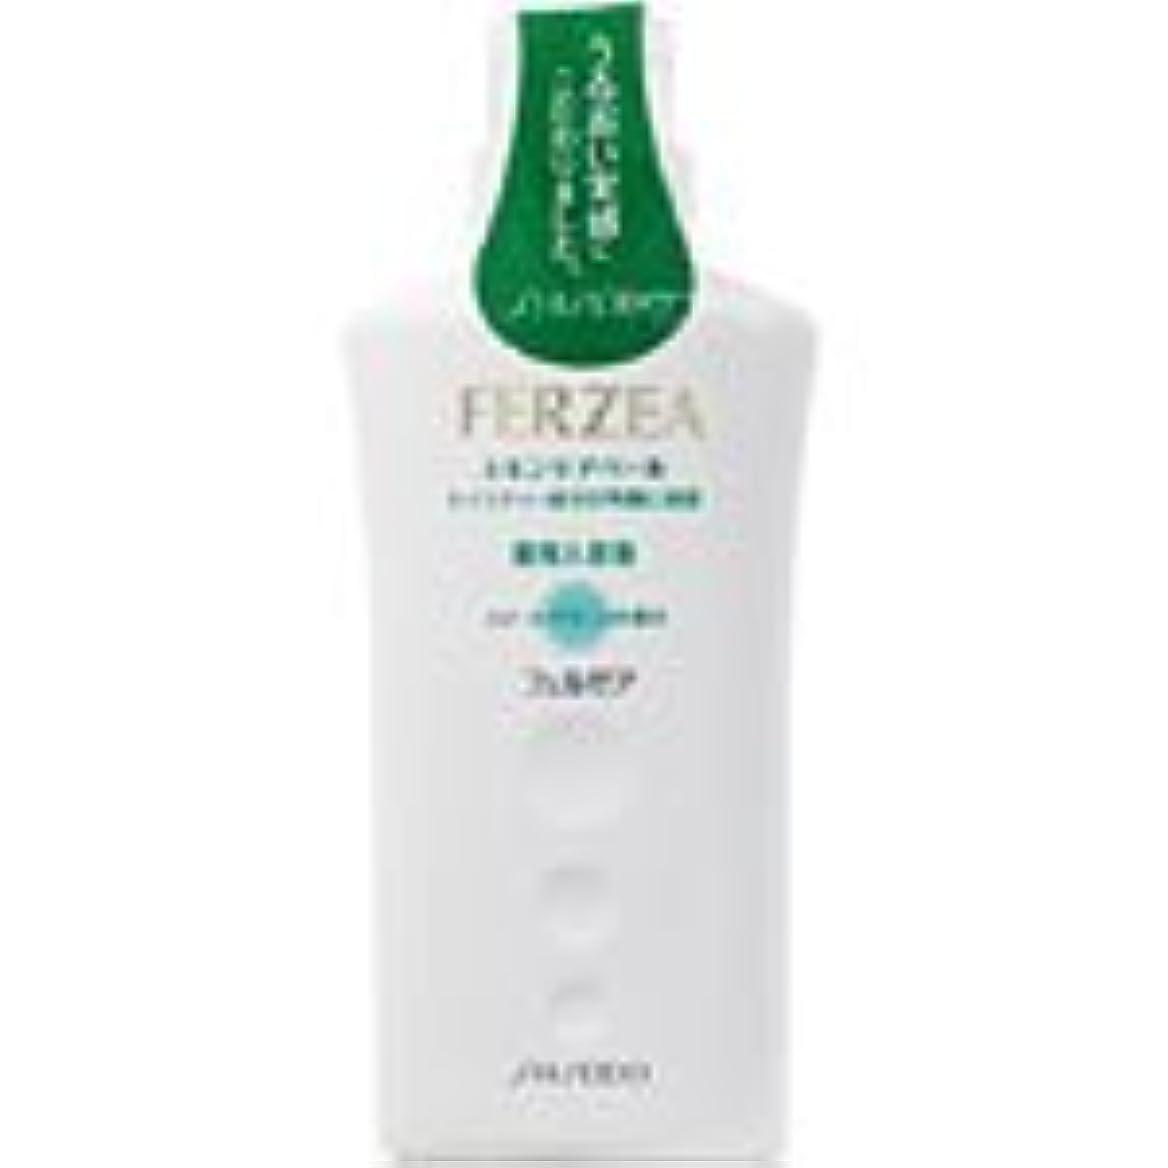 便益について自治的フェルゼア薬用スキンケア入浴液G 600ml